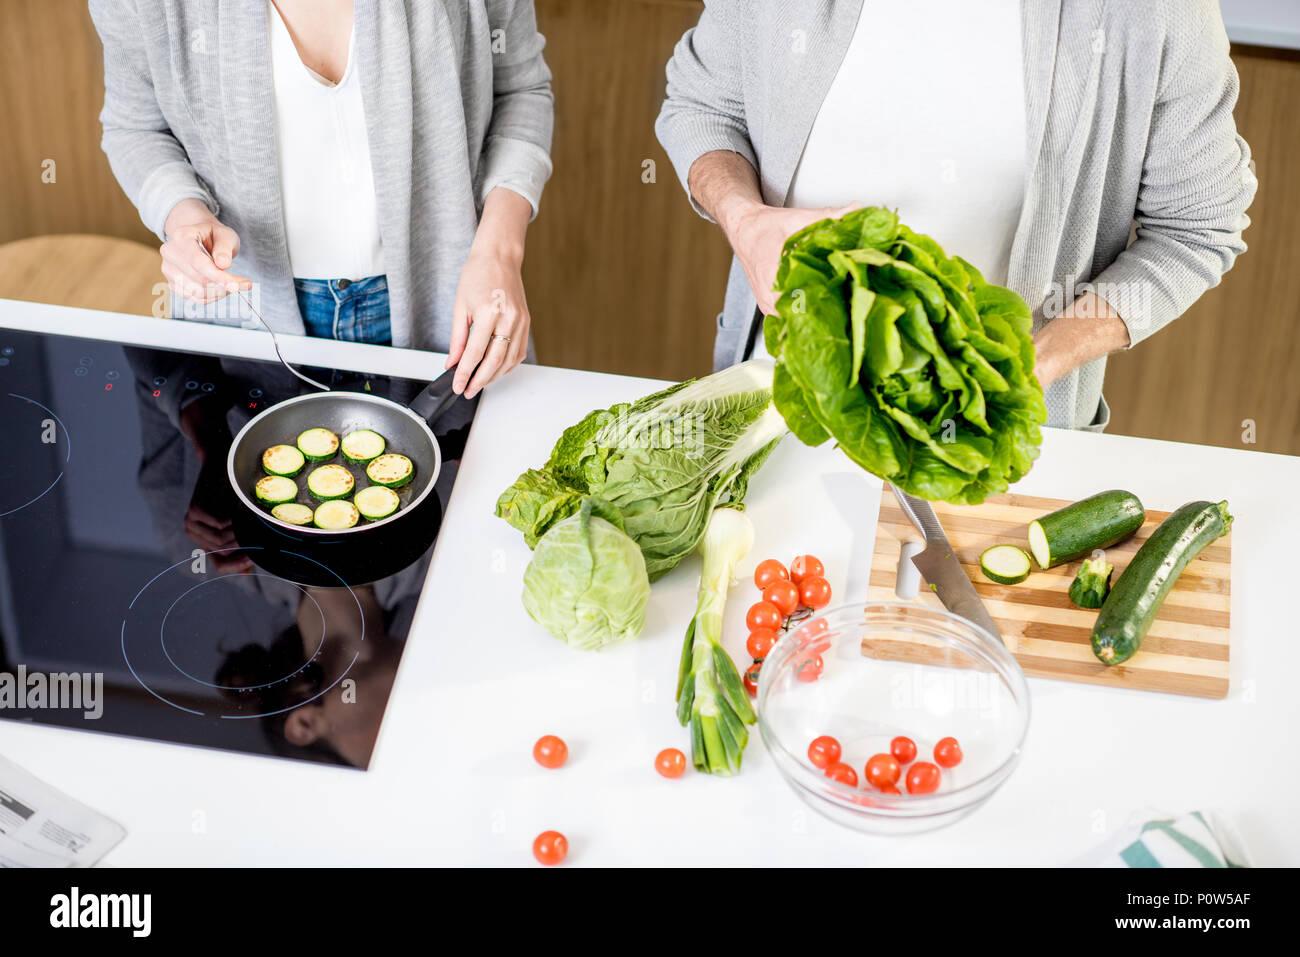 Cocinar algunos alimentos vegetarianos Imagen De Stock